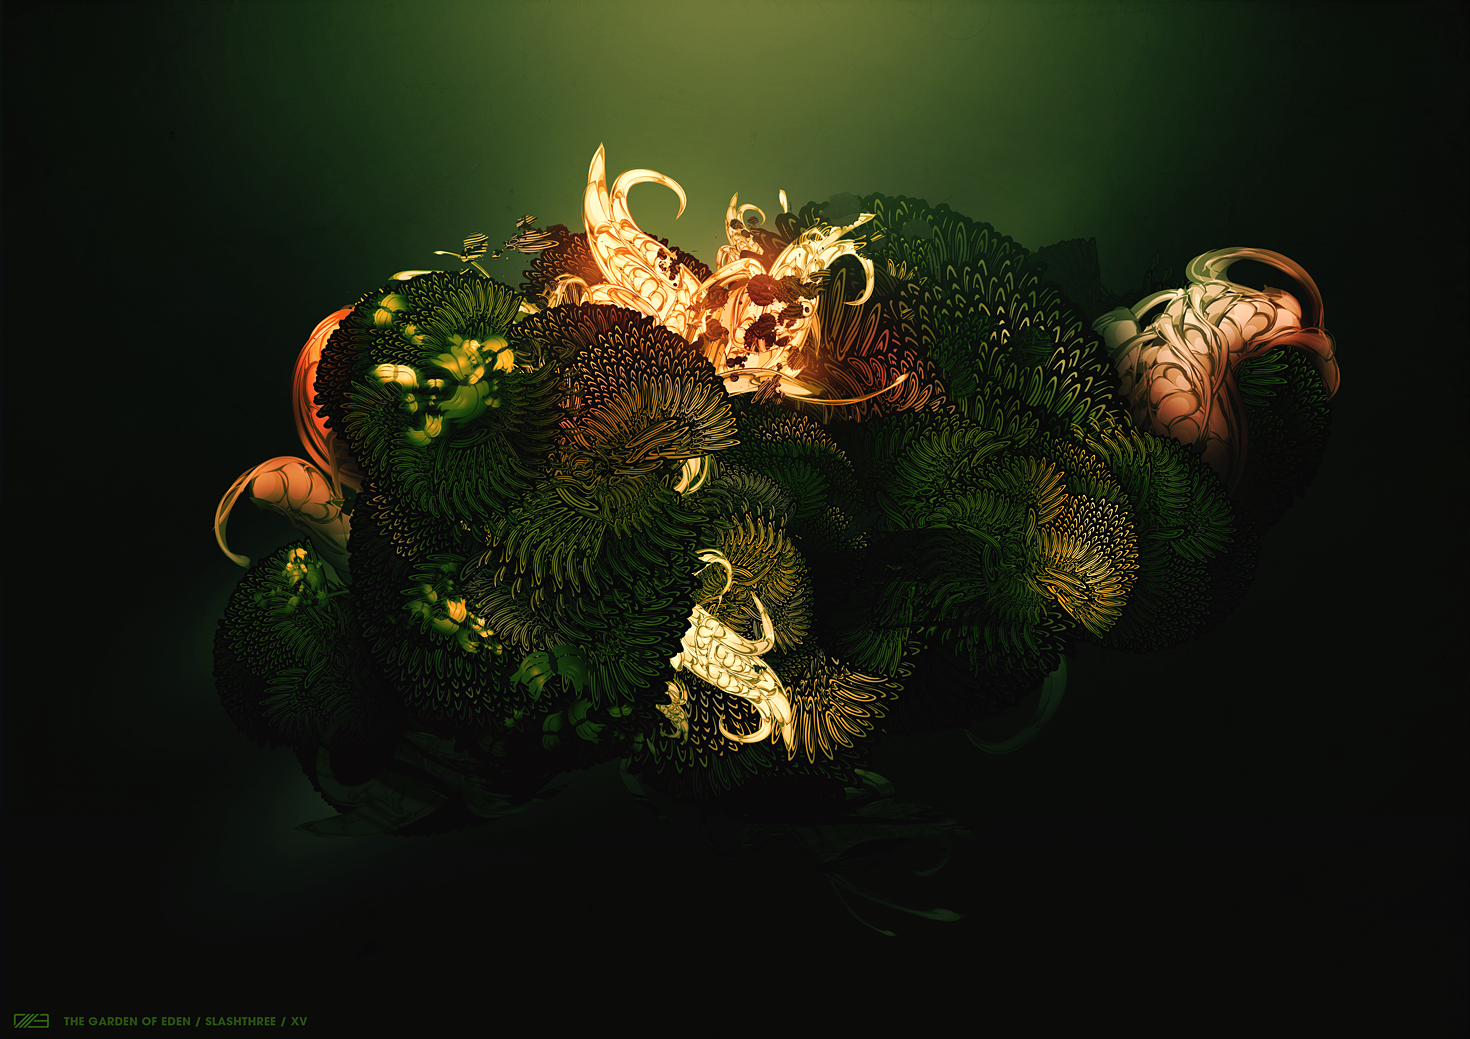 The Garden Of Eden By Theunknownbeing On Deviantart